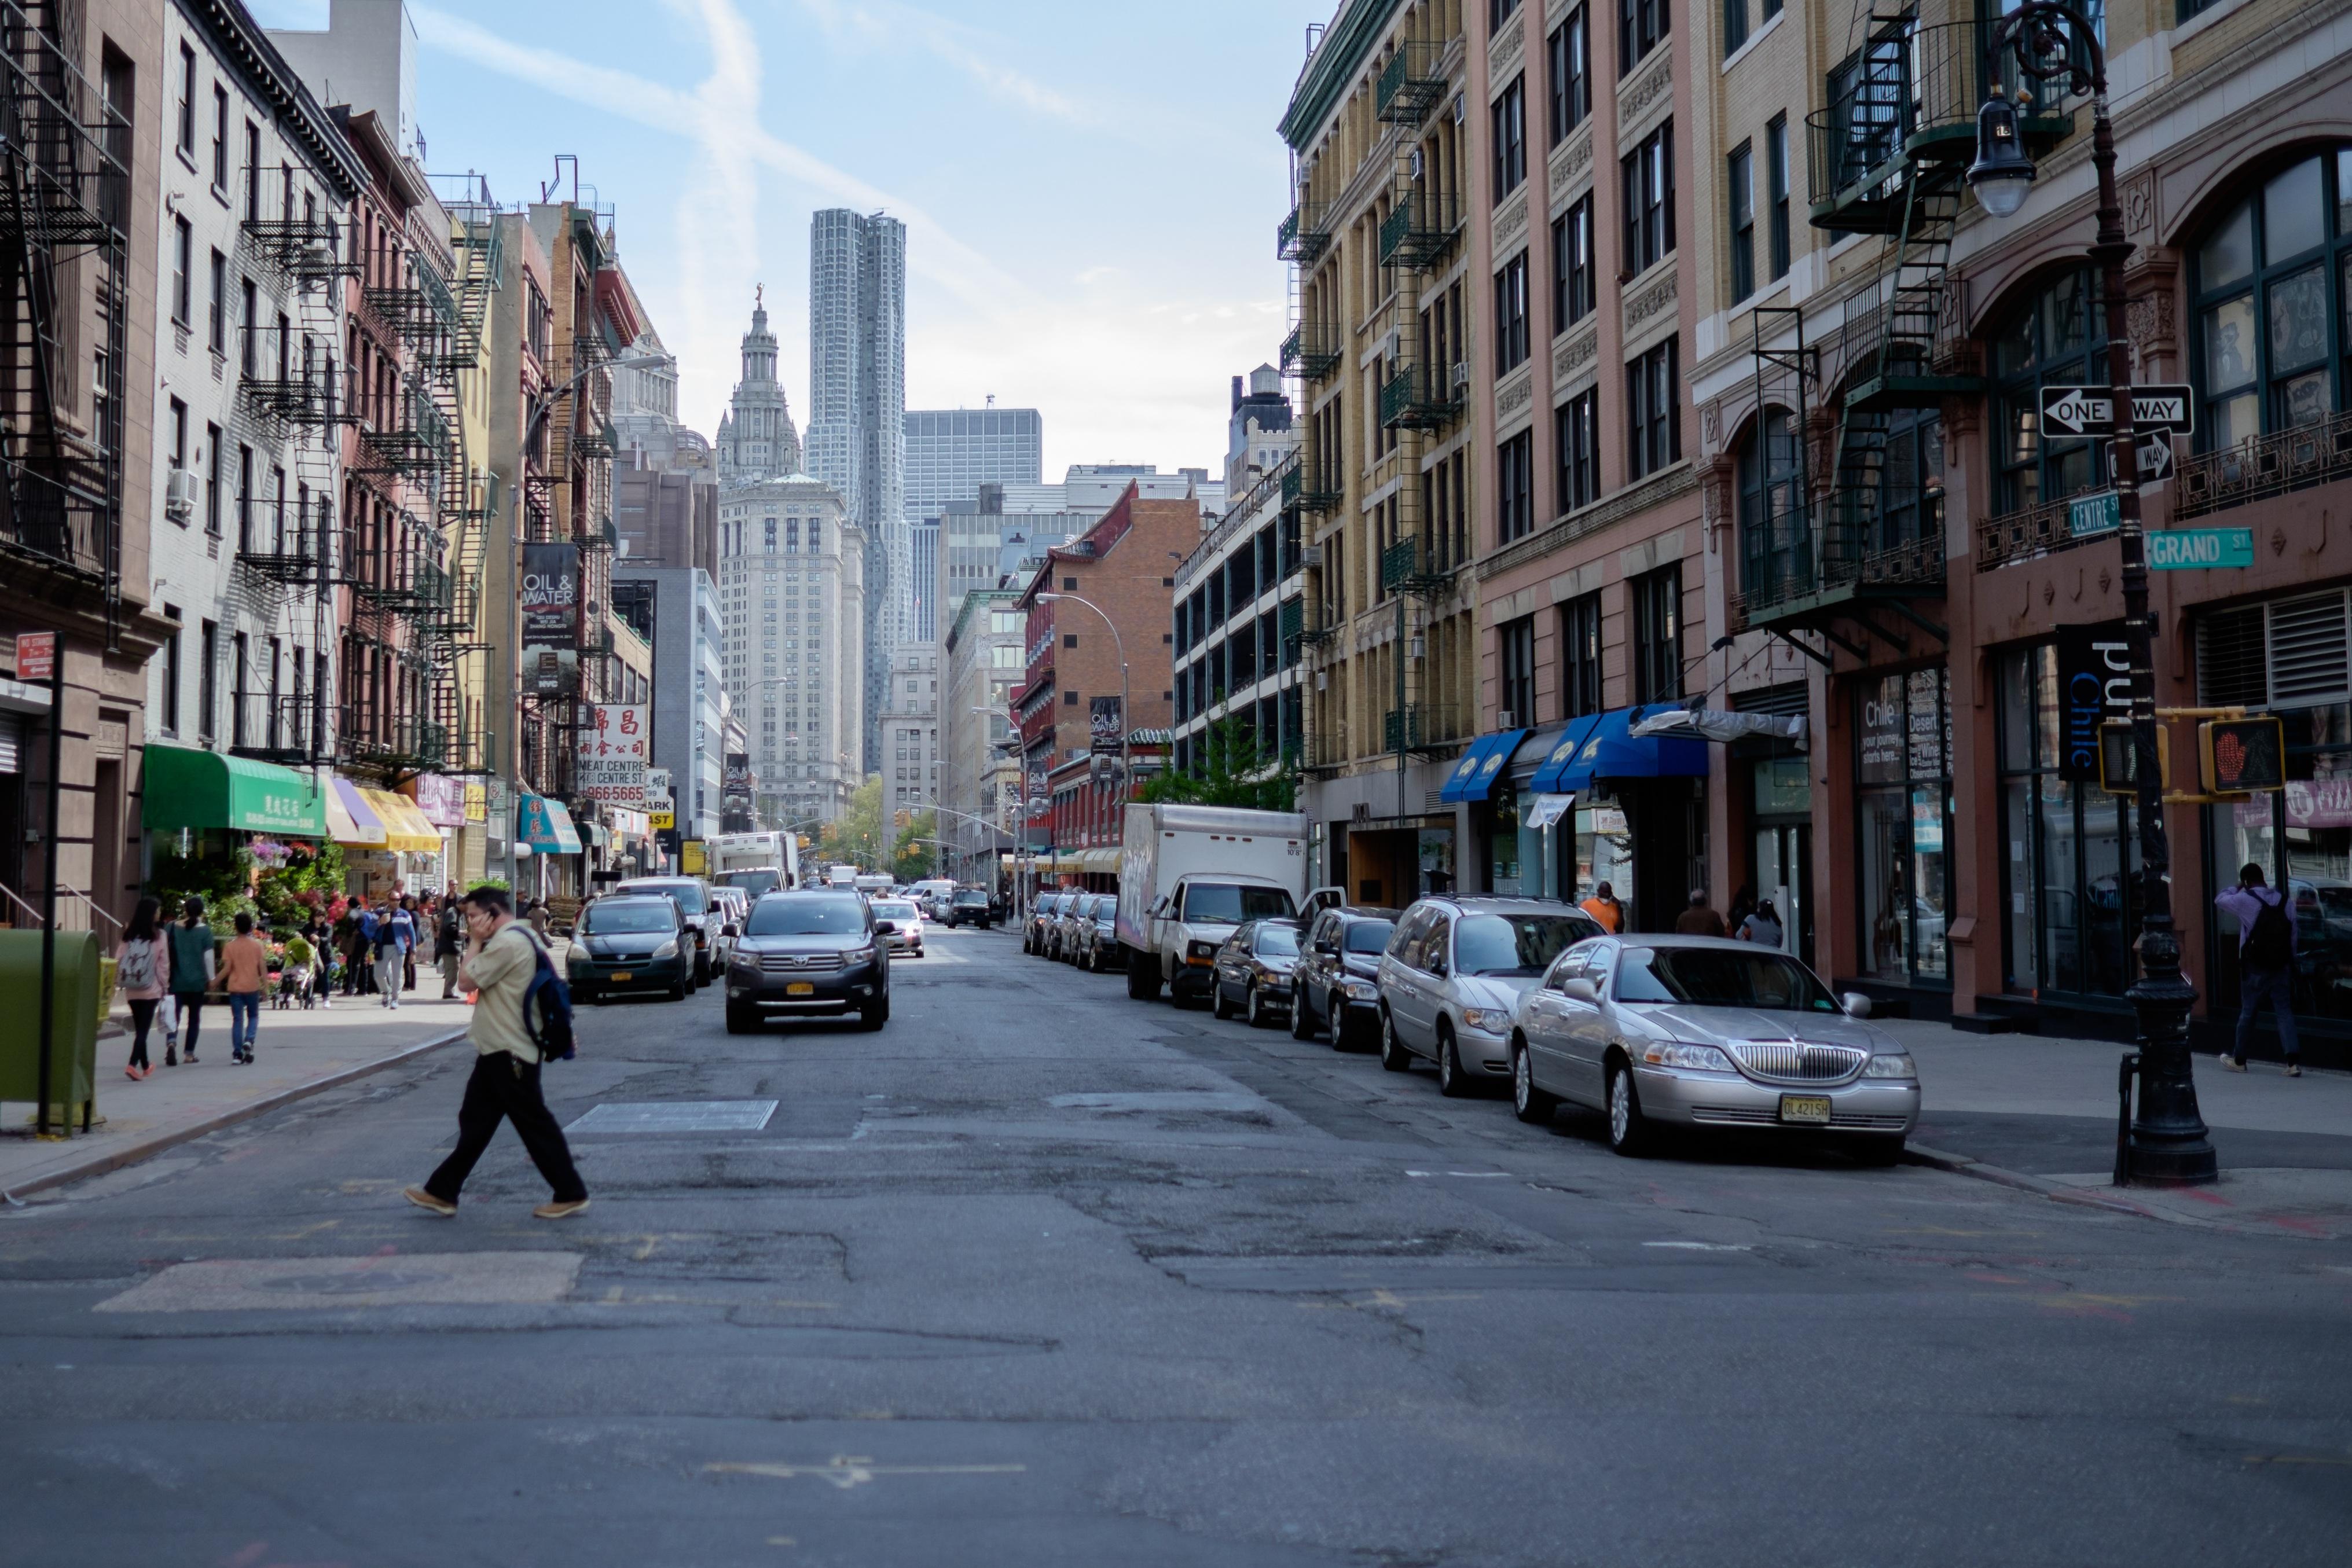 картинки улиц нашего города